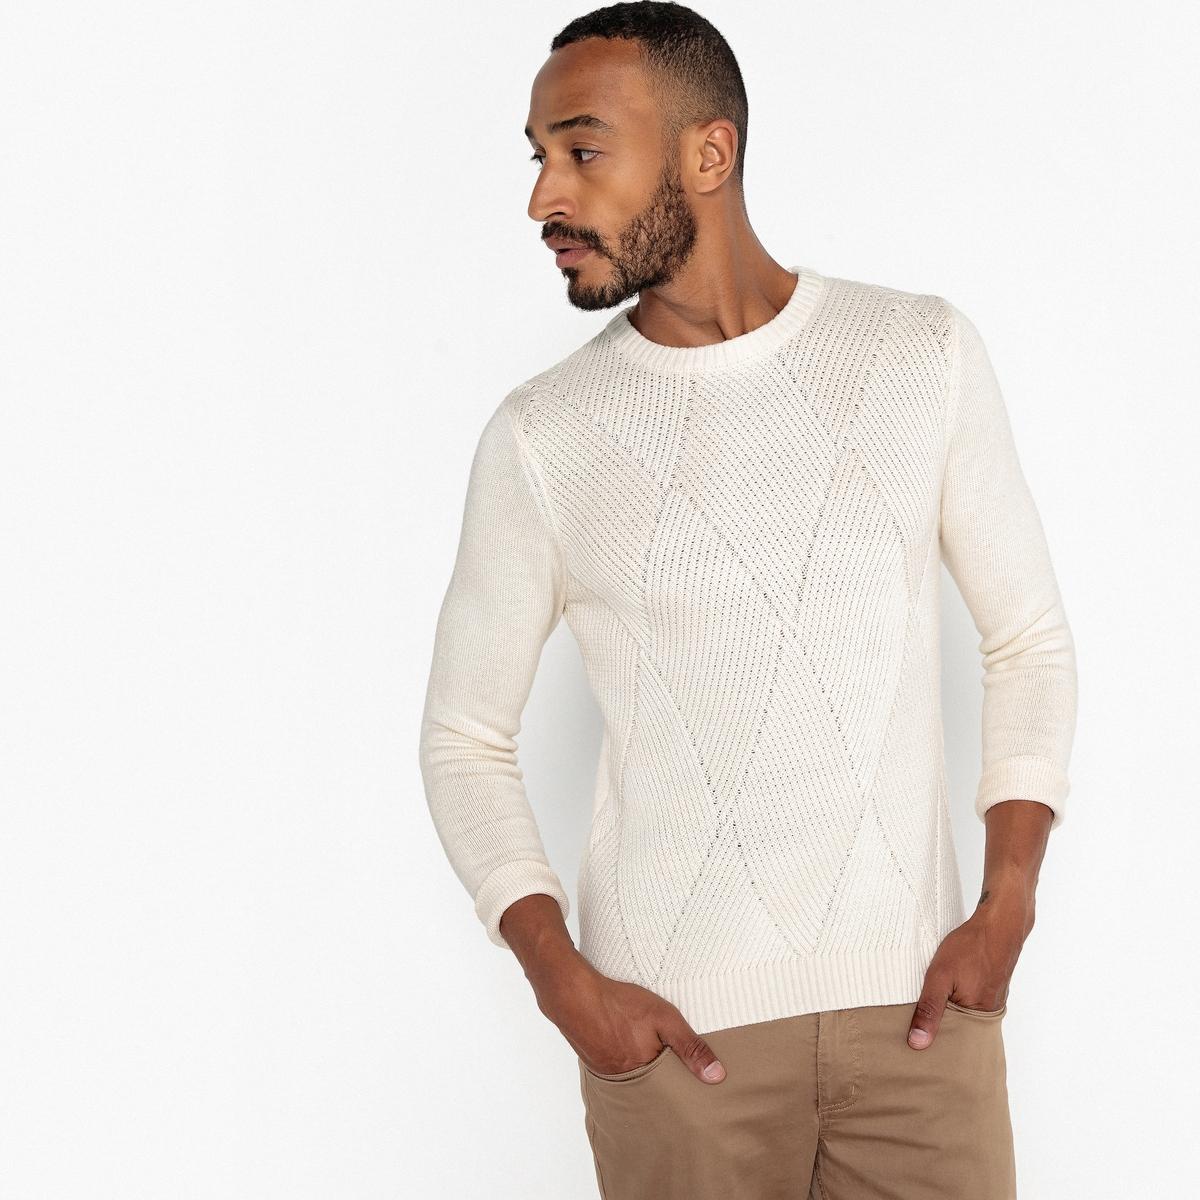 Пуловер La Redoute С круглым вырезом из плотного трикотажа 3XL бежевый пуловер la redoute с круглым вырезом из шерсти мериноса pascal 3xl черный